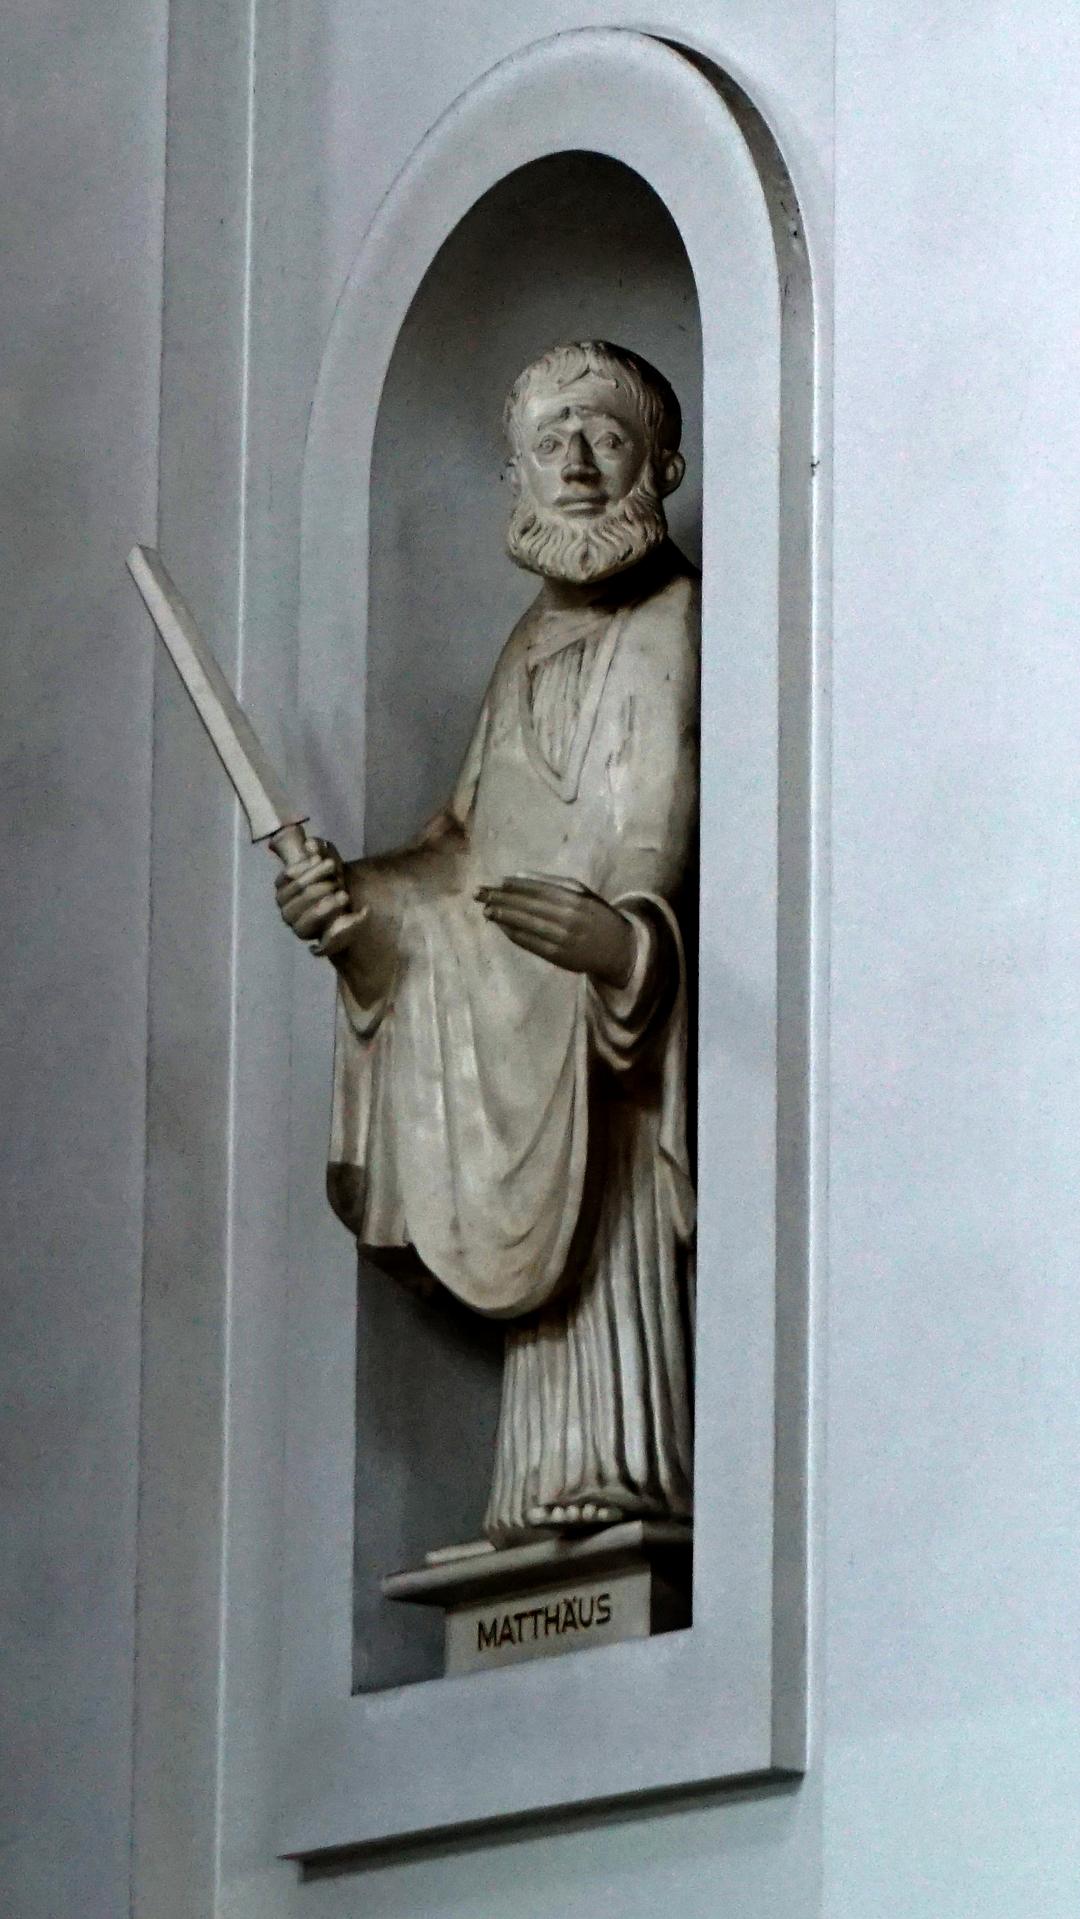 Apostelstatue Matthäus in St. Clemens, Hannover — Reichtum